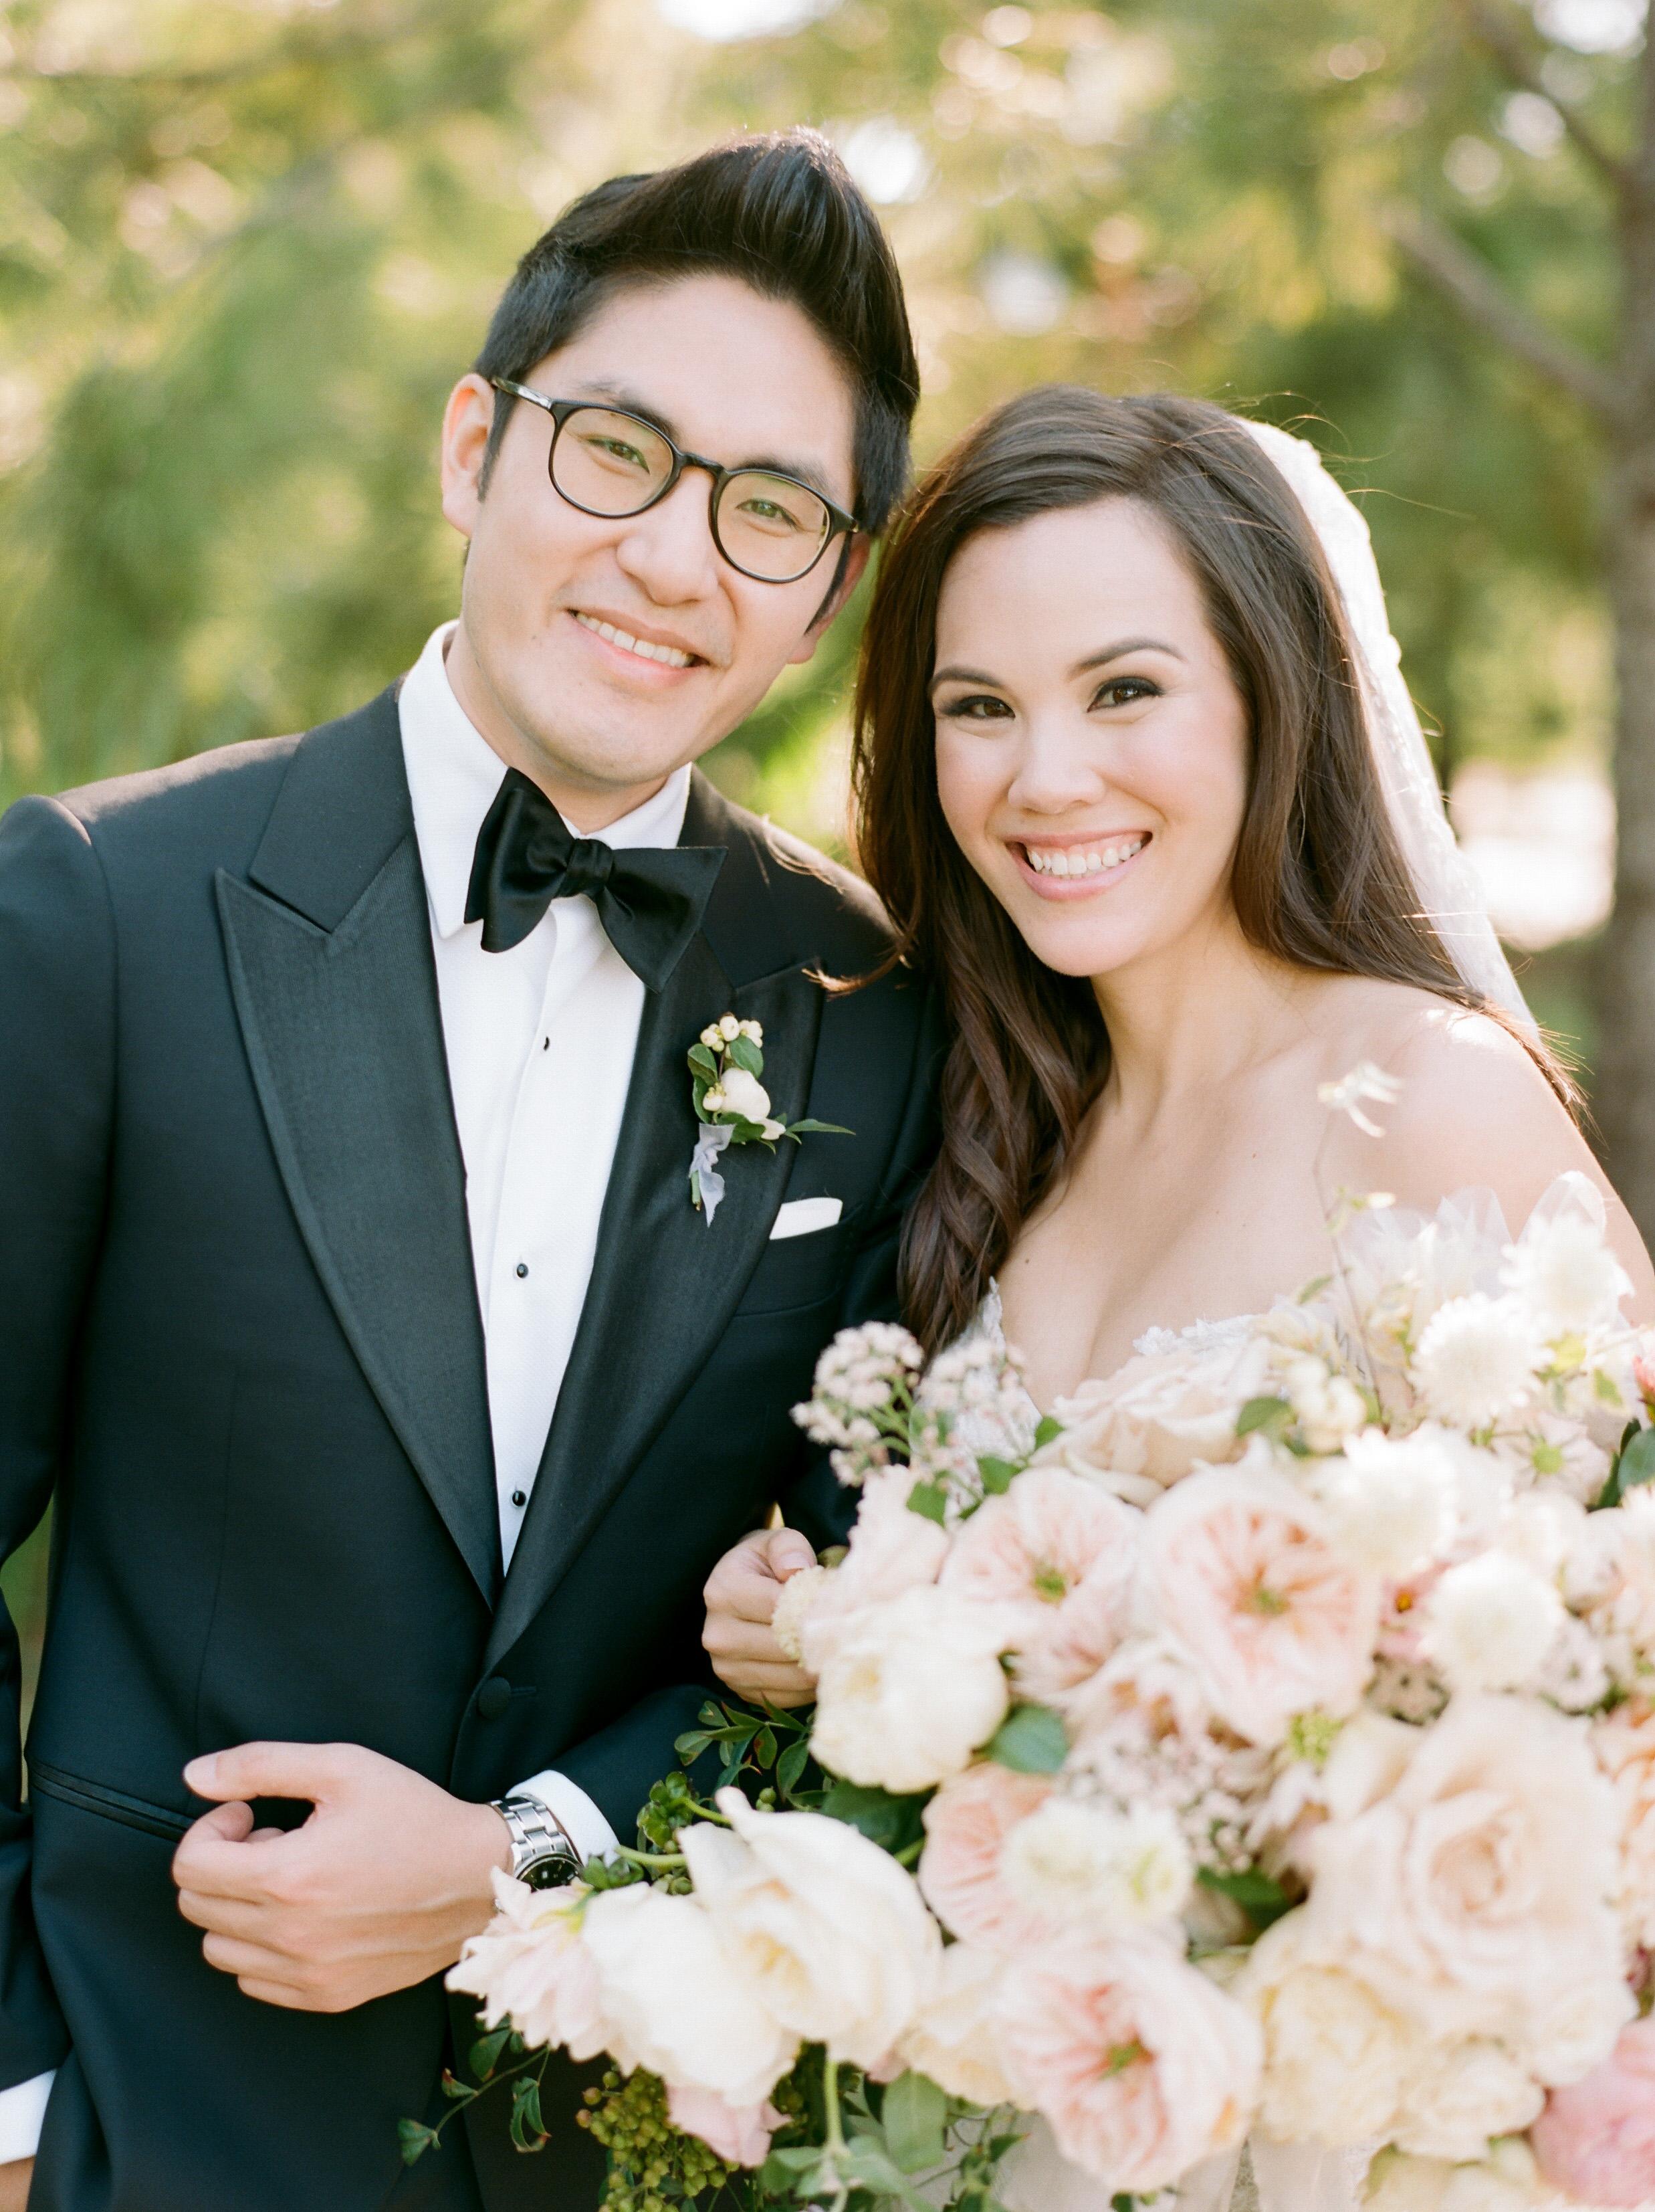 A Romantic Garden Wedding In The Heart Of Houston Texas